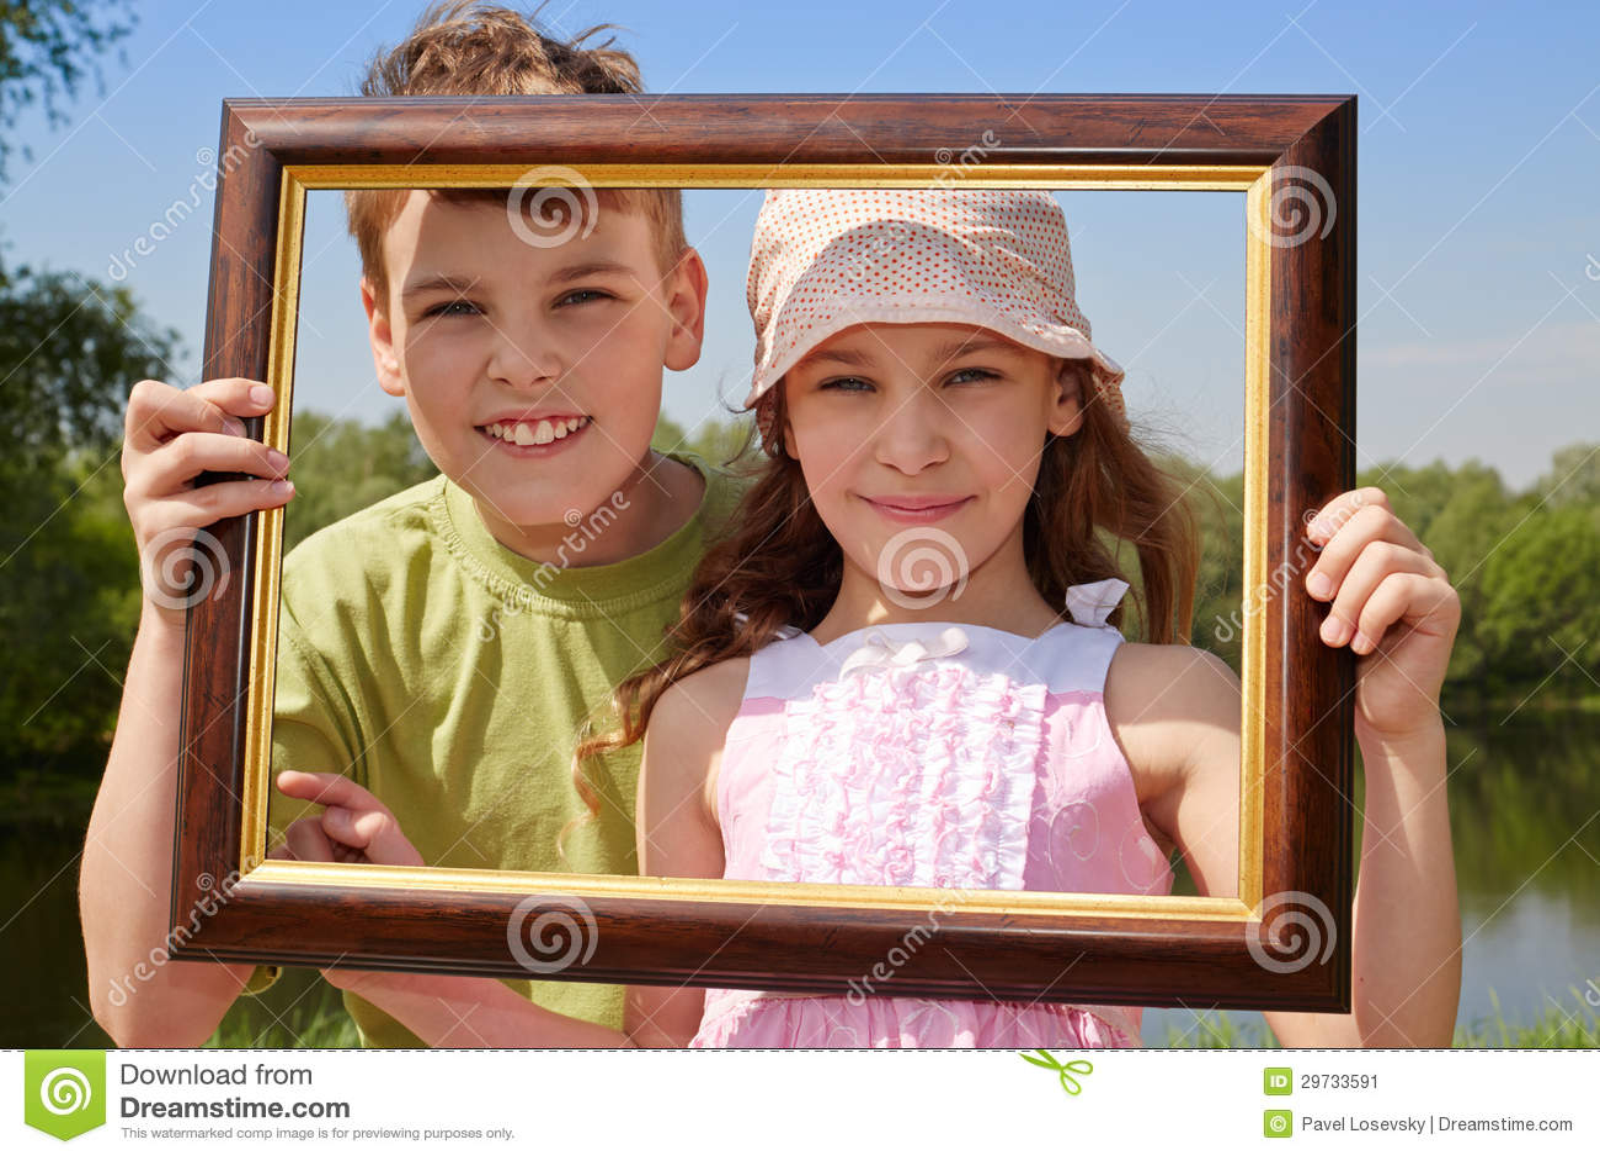 l chelnder m dchen und jungenstand drau en bilderrahmen halten stockbild bild 29733591. Black Bedroom Furniture Sets. Home Design Ideas